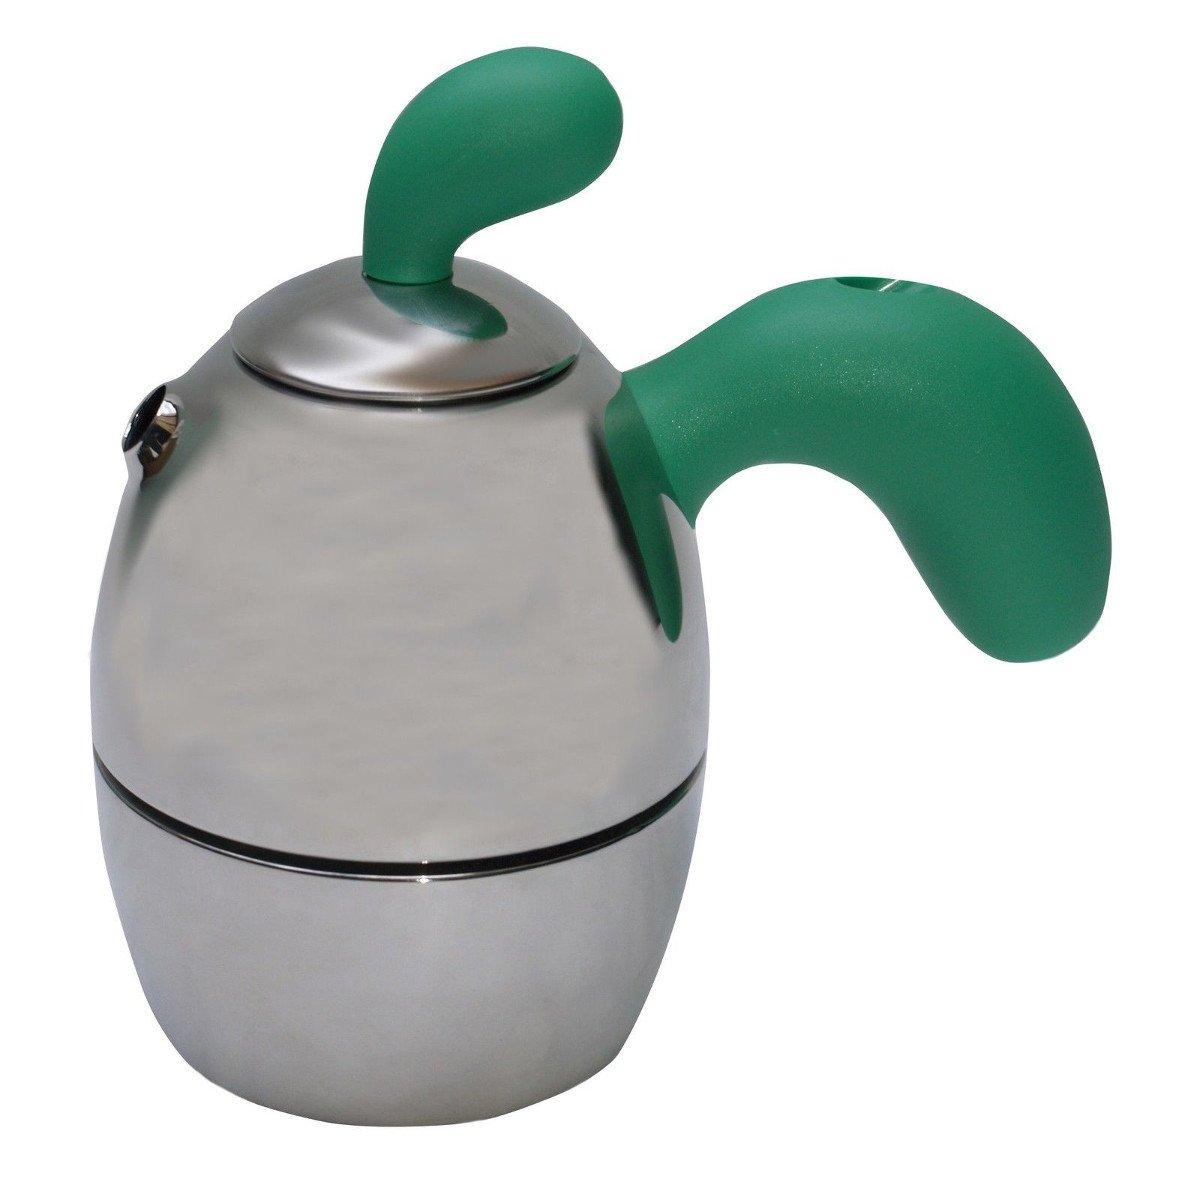 Alessi Cafetera de Acero Inoxidable con Mango y Pomolo Verde ...